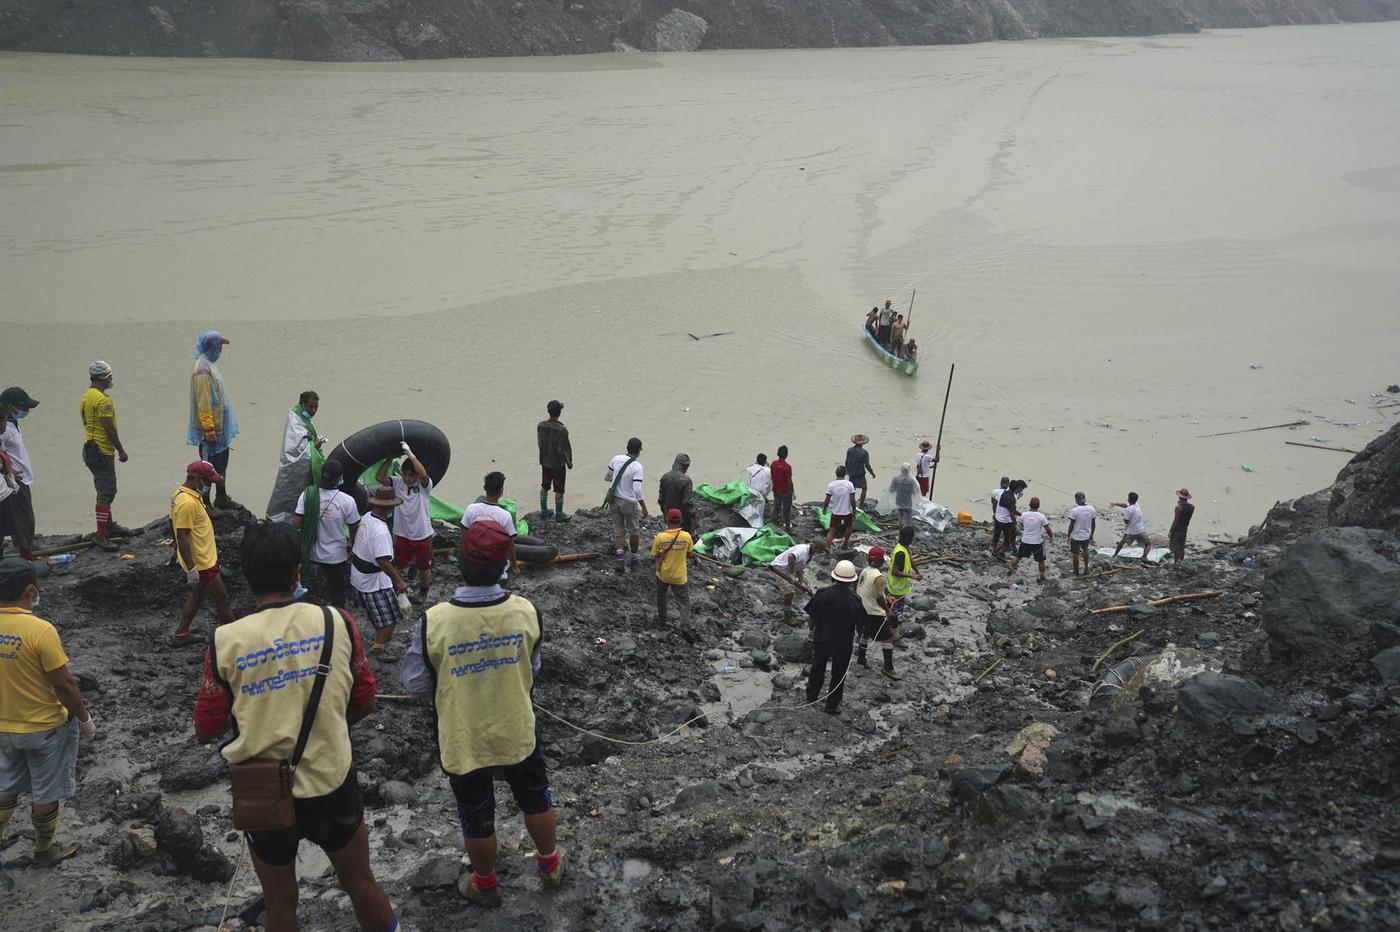 giada. Myanmar, strage nella miniera: più di 160 persone morte nella franaMyanmar, strage nella miniera: più di 160 persone morte nella frana